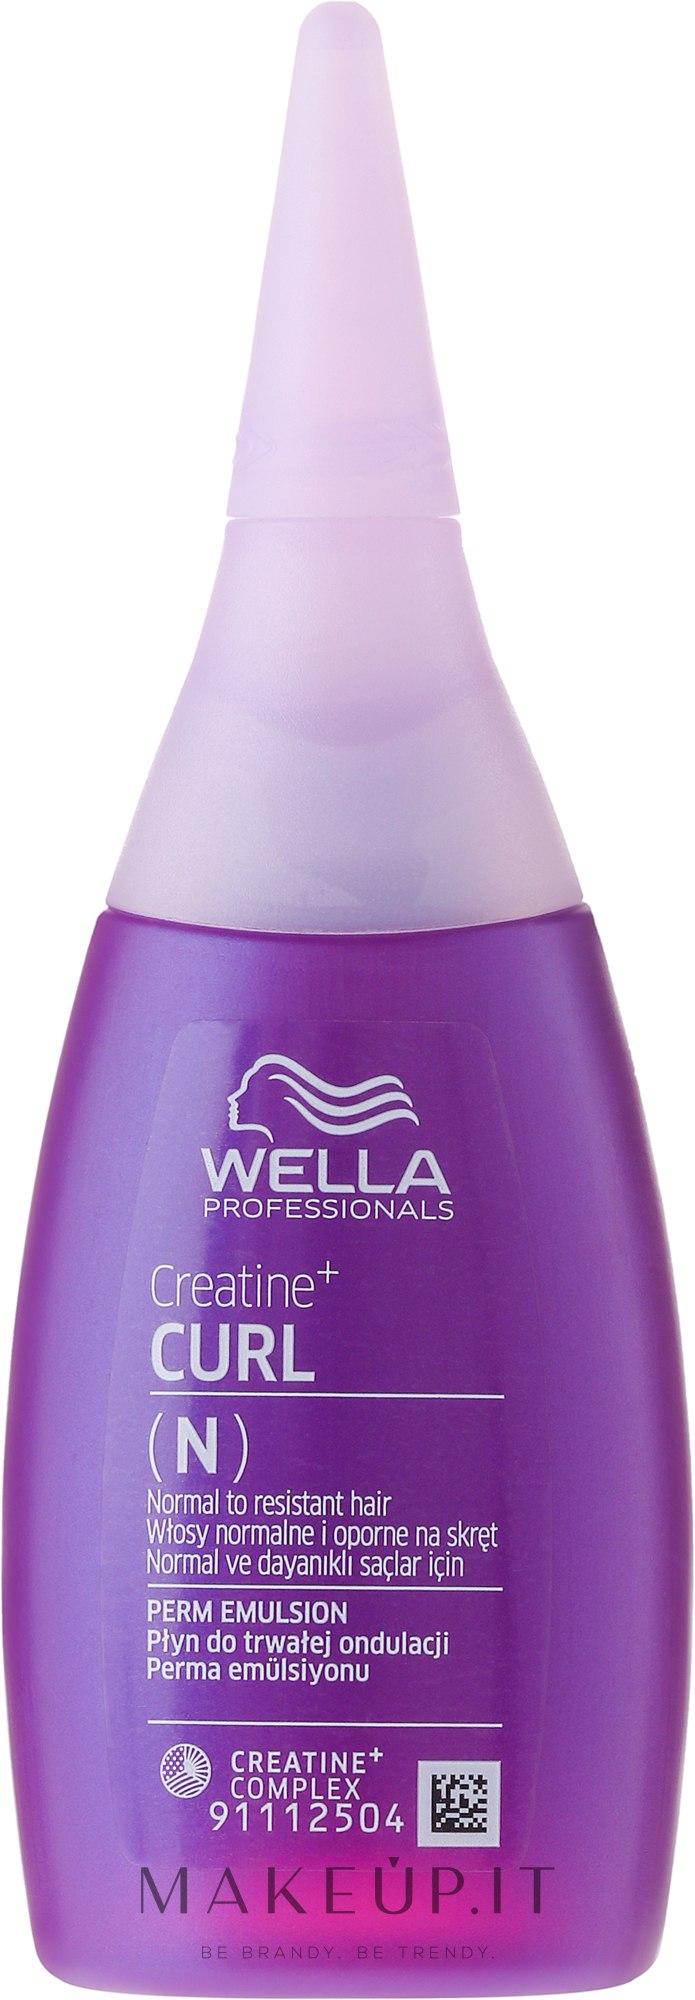 Lozione capelli ricci (N) - Wella Professional Creatine + Curl(N) — foto 75 ml